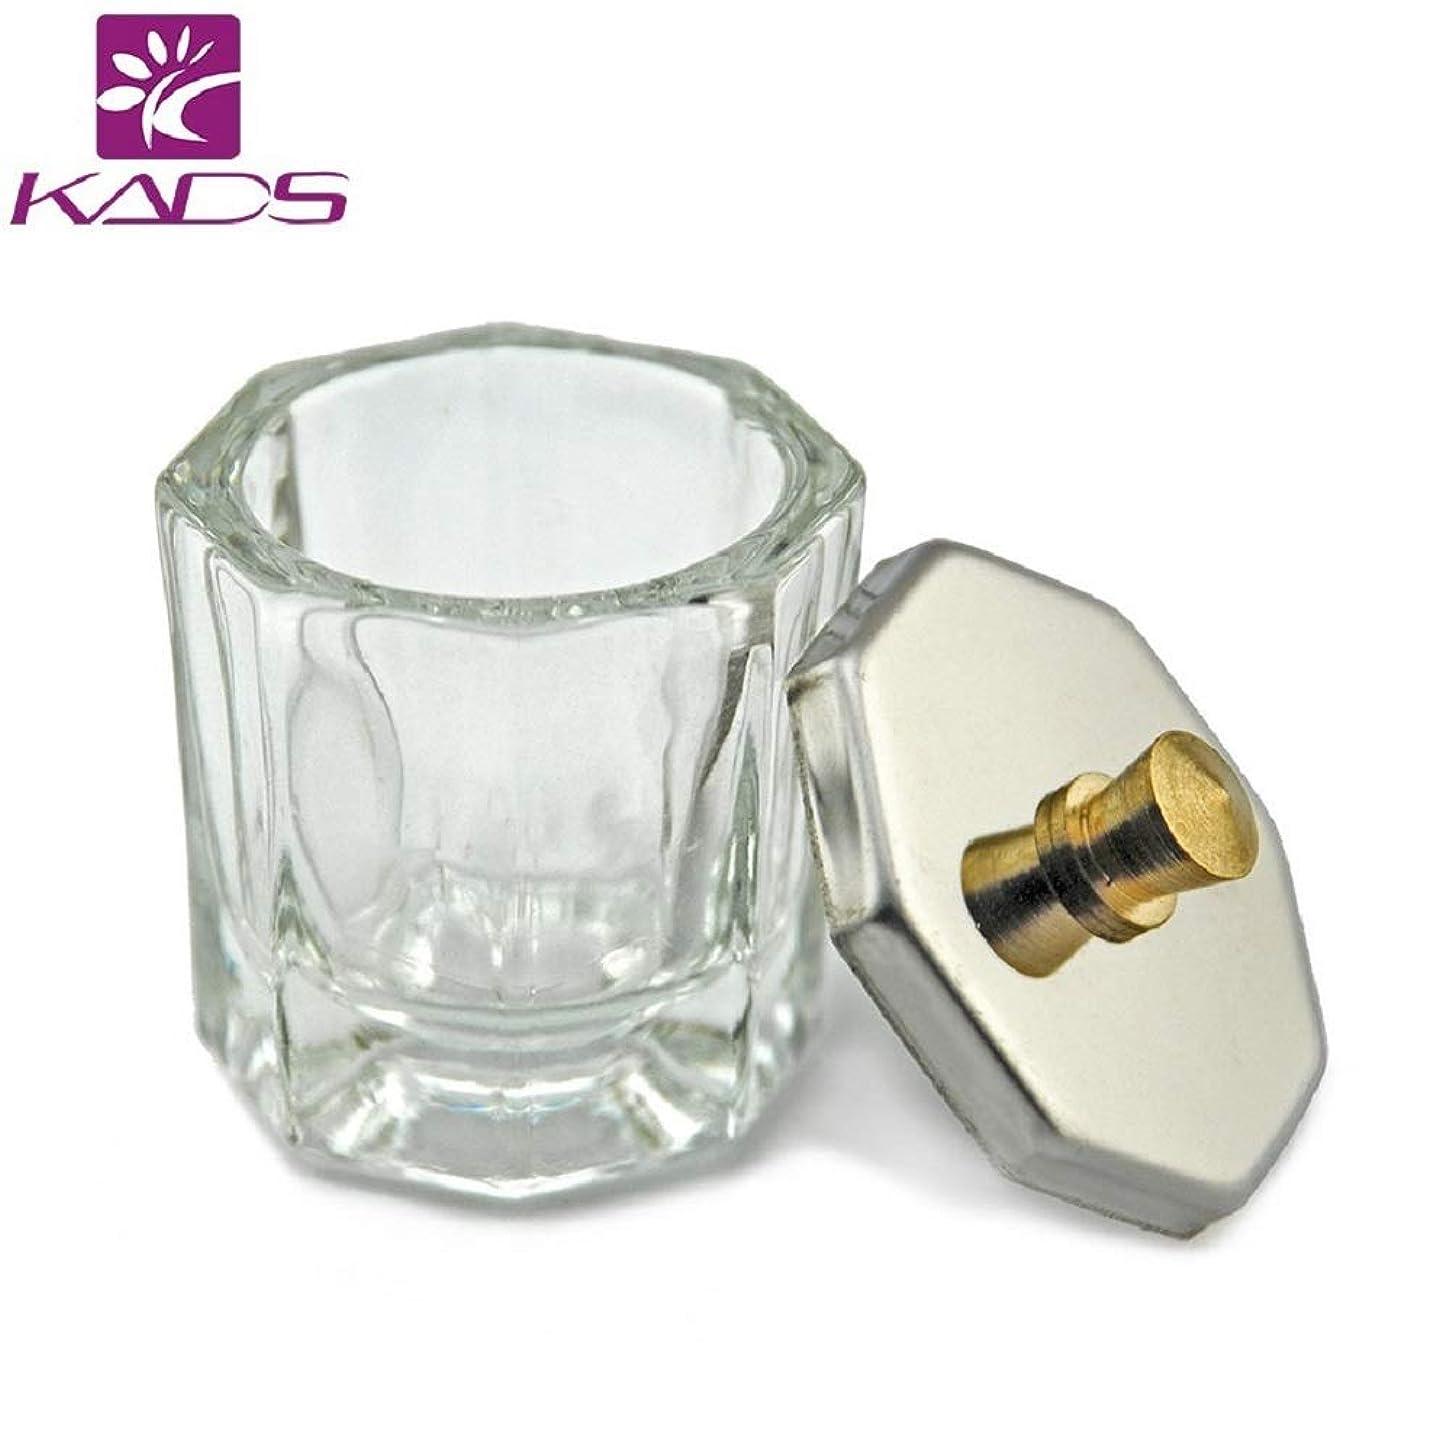 士気複合データムKADS 八角形ネイルダッペンディッシュ フタ付き ガラス製 筆洗いガラス容器 ジェルネイル用筆洗浄